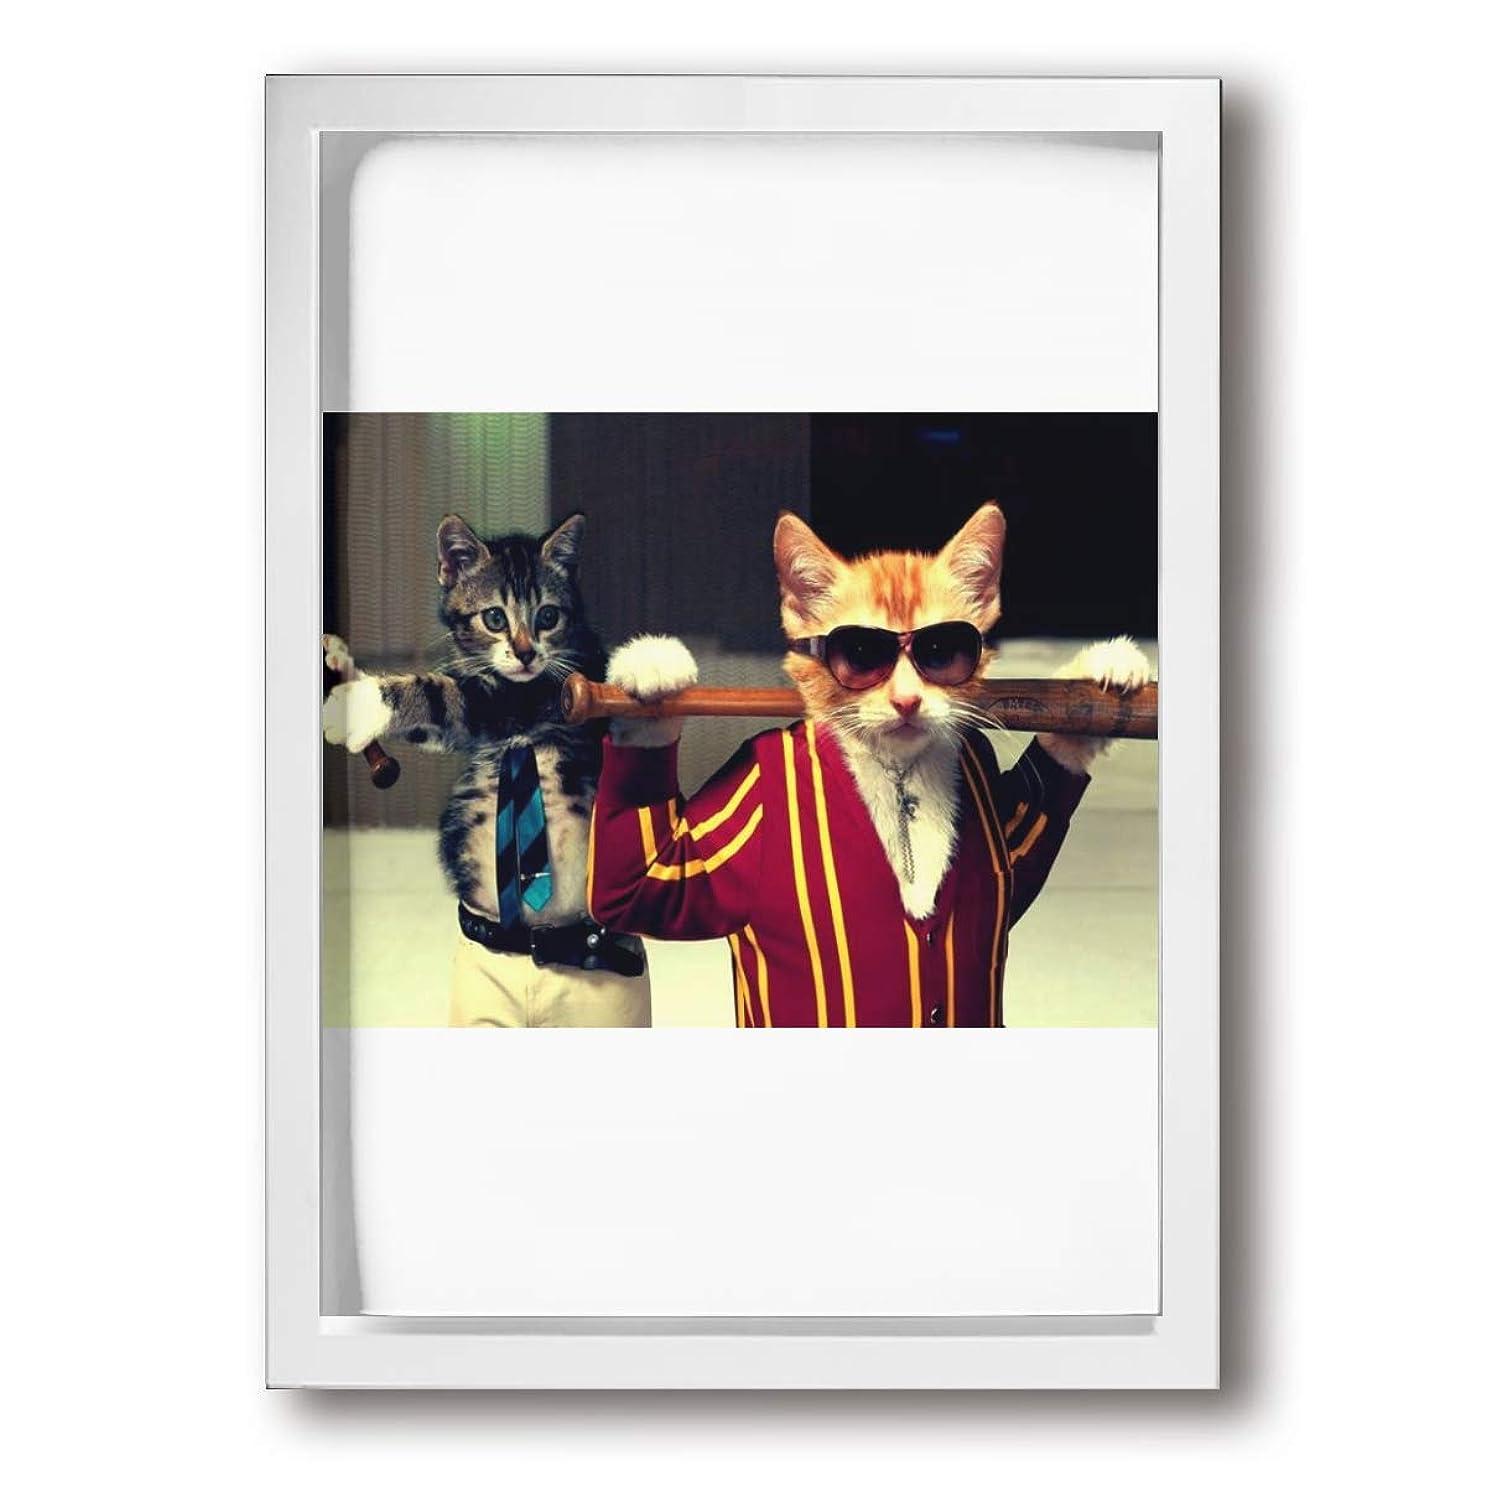 不幸不潔カメラFengjianjishangmaobu 野球バット 猫 超薄型 絵画インテリアアート 額入り(22cm*33cm) アートフレーム インテリア アートポスター 油絵 水彩画 現代絵画 壁飾り 壁掛け 風景 自然 動植物 玄関 木製 贈り物